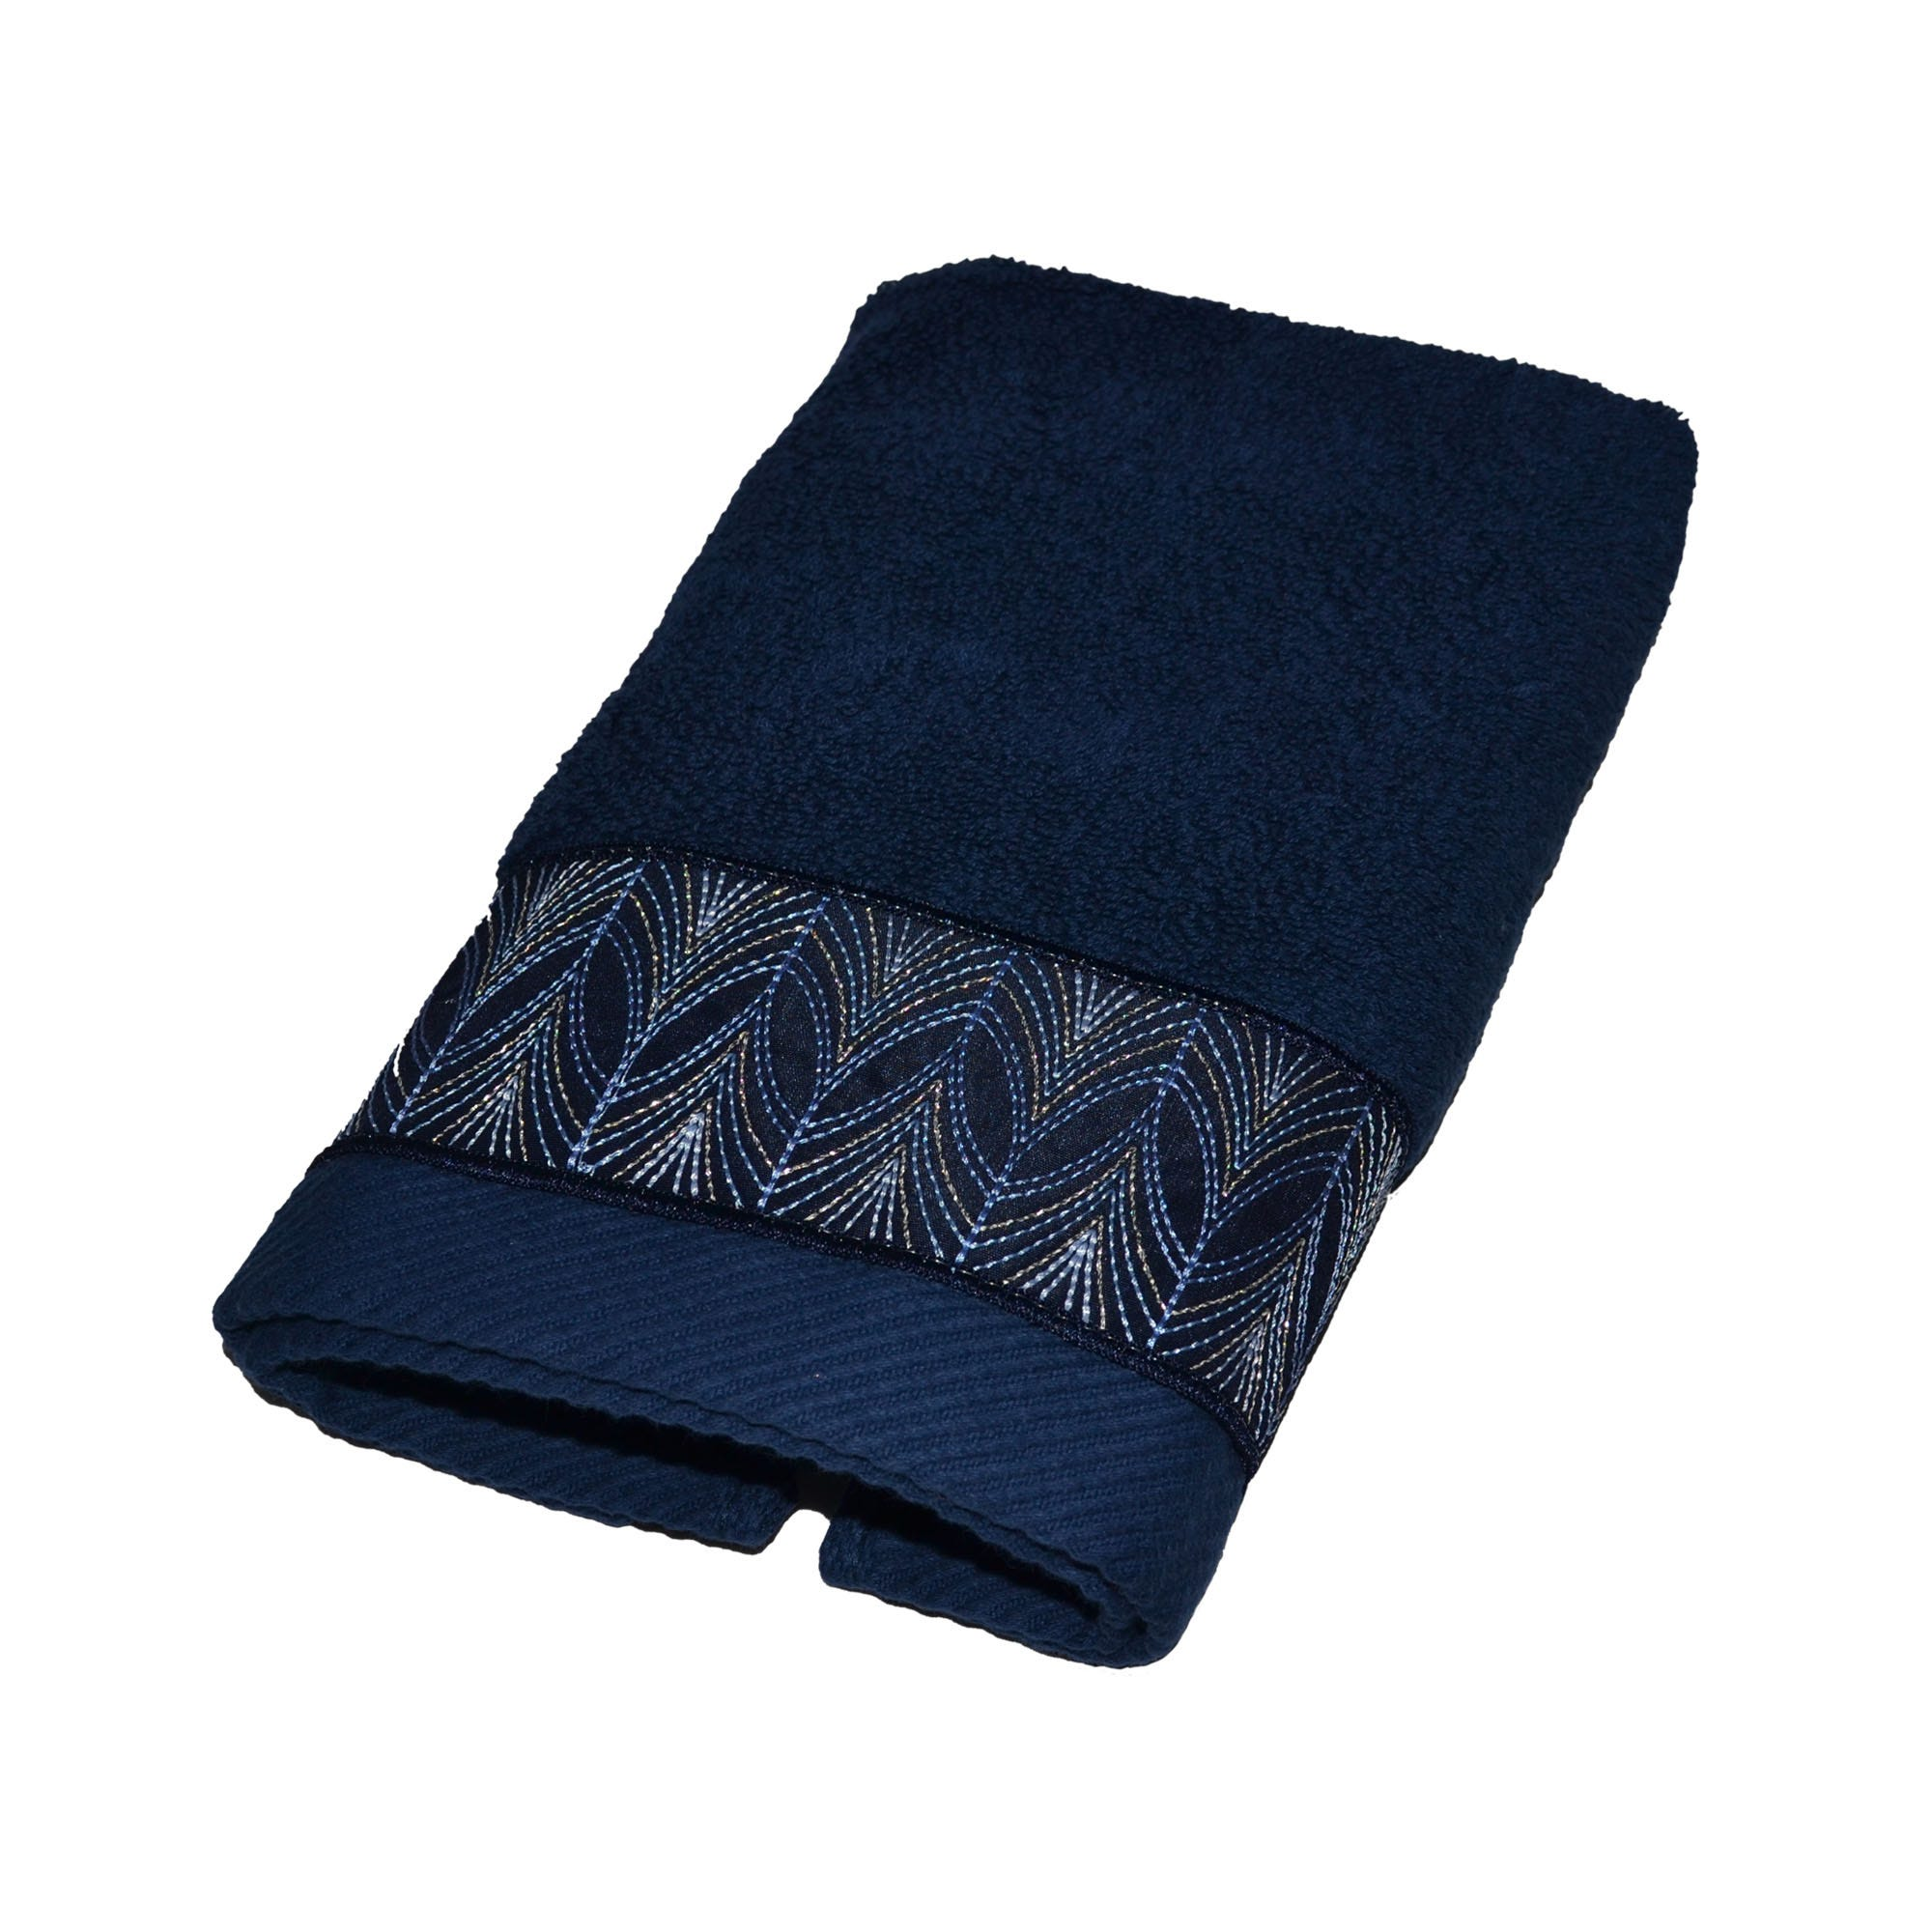 Toalla facial Gaba Calatea con bordado en azul